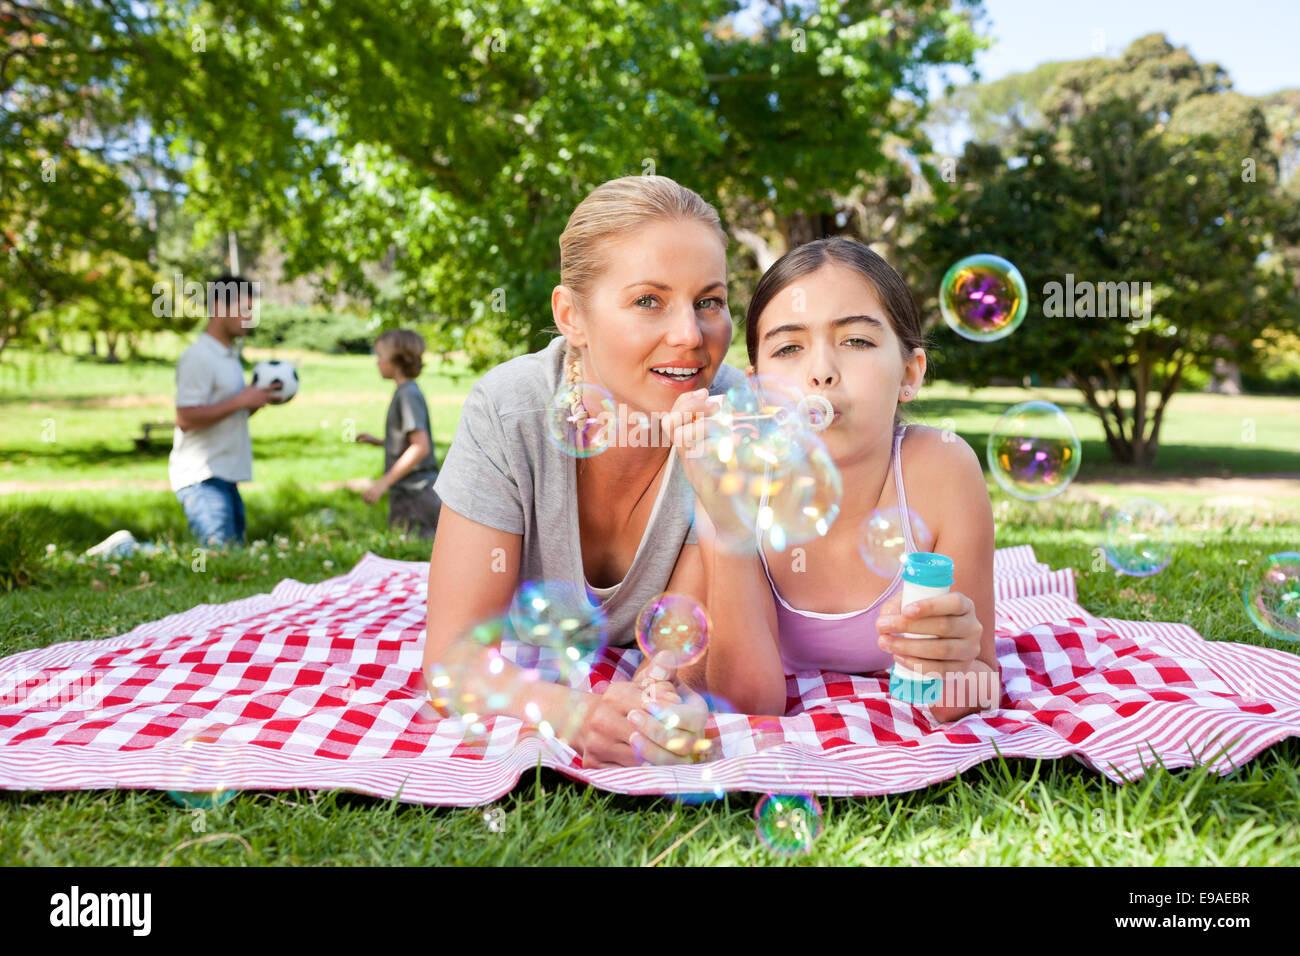 Mutter und Tochter haben Spaß Stockfoto, Bild: 74604203